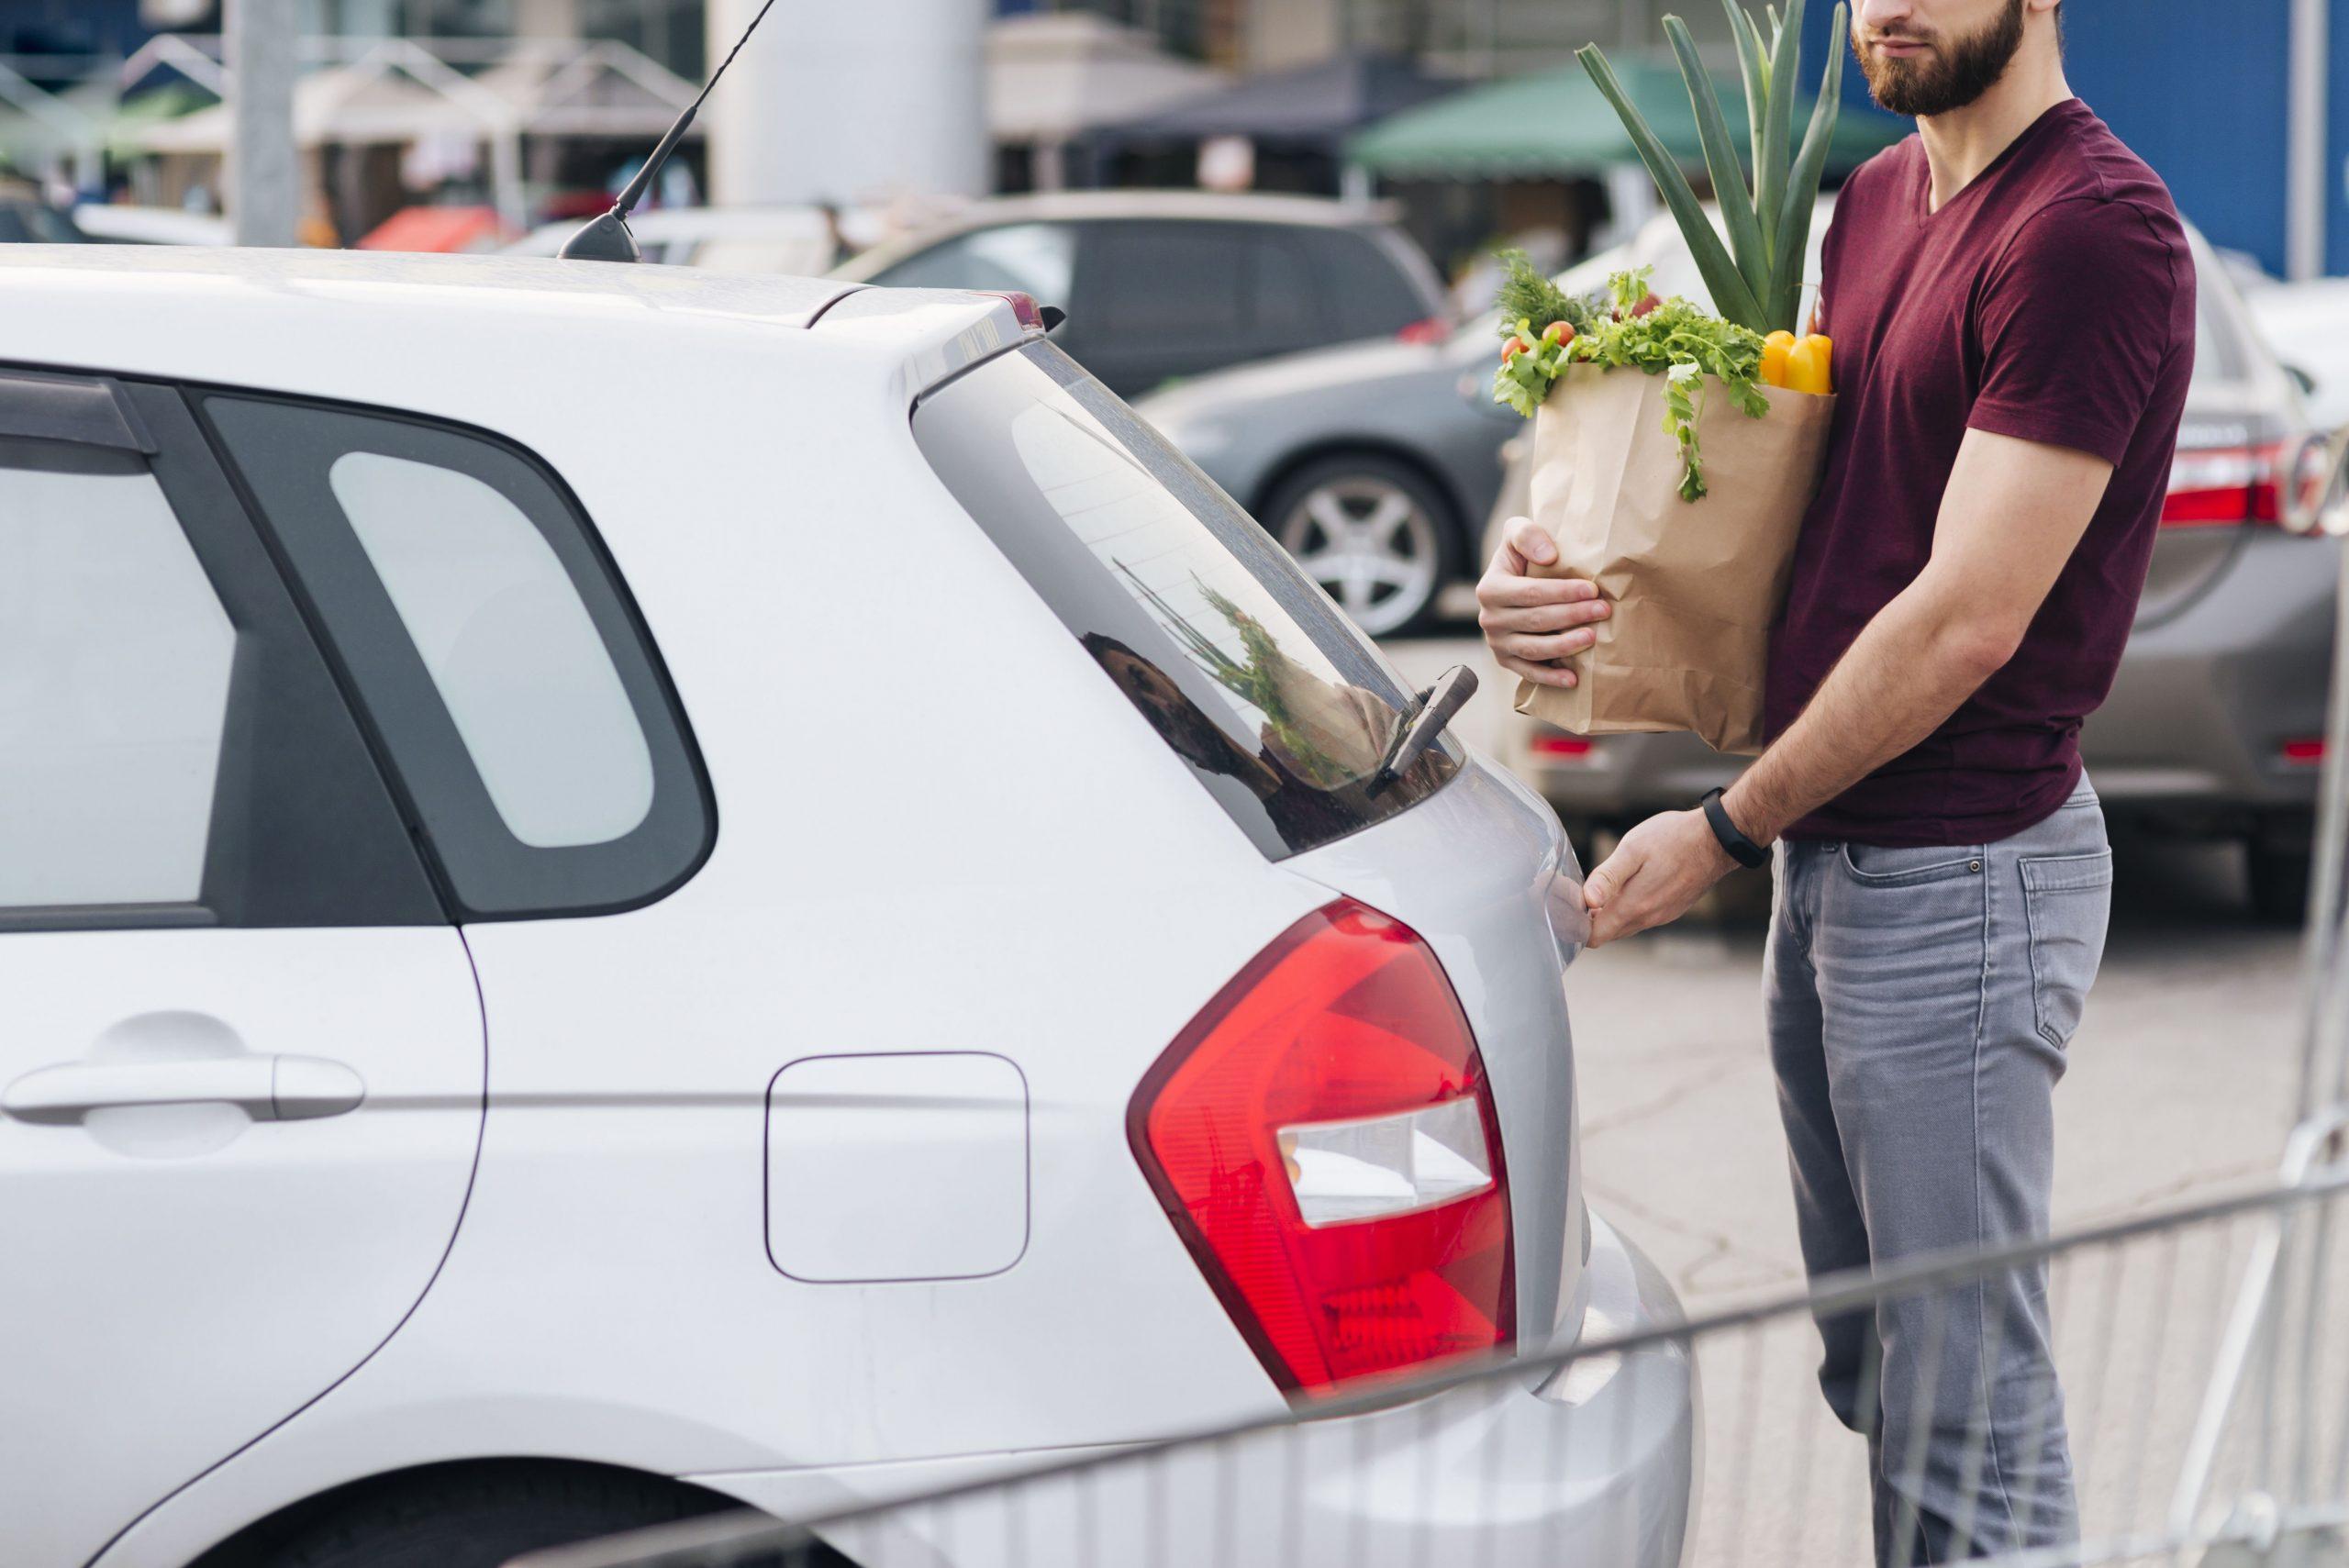 homme faisant des courses en voiture